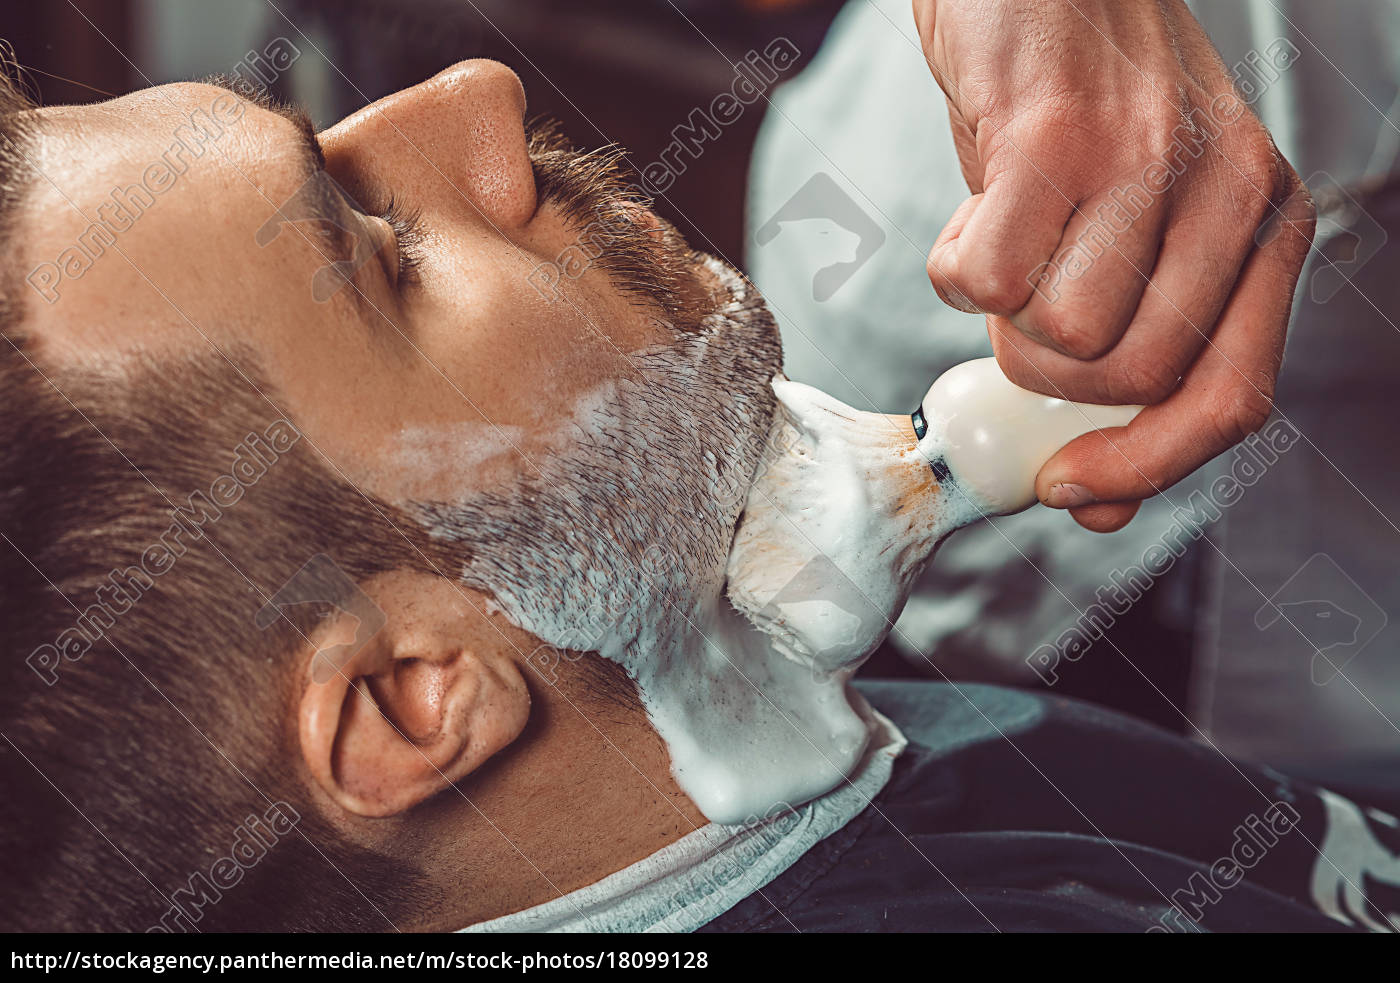 hipster, client, visiting, barber, shop - 18099128